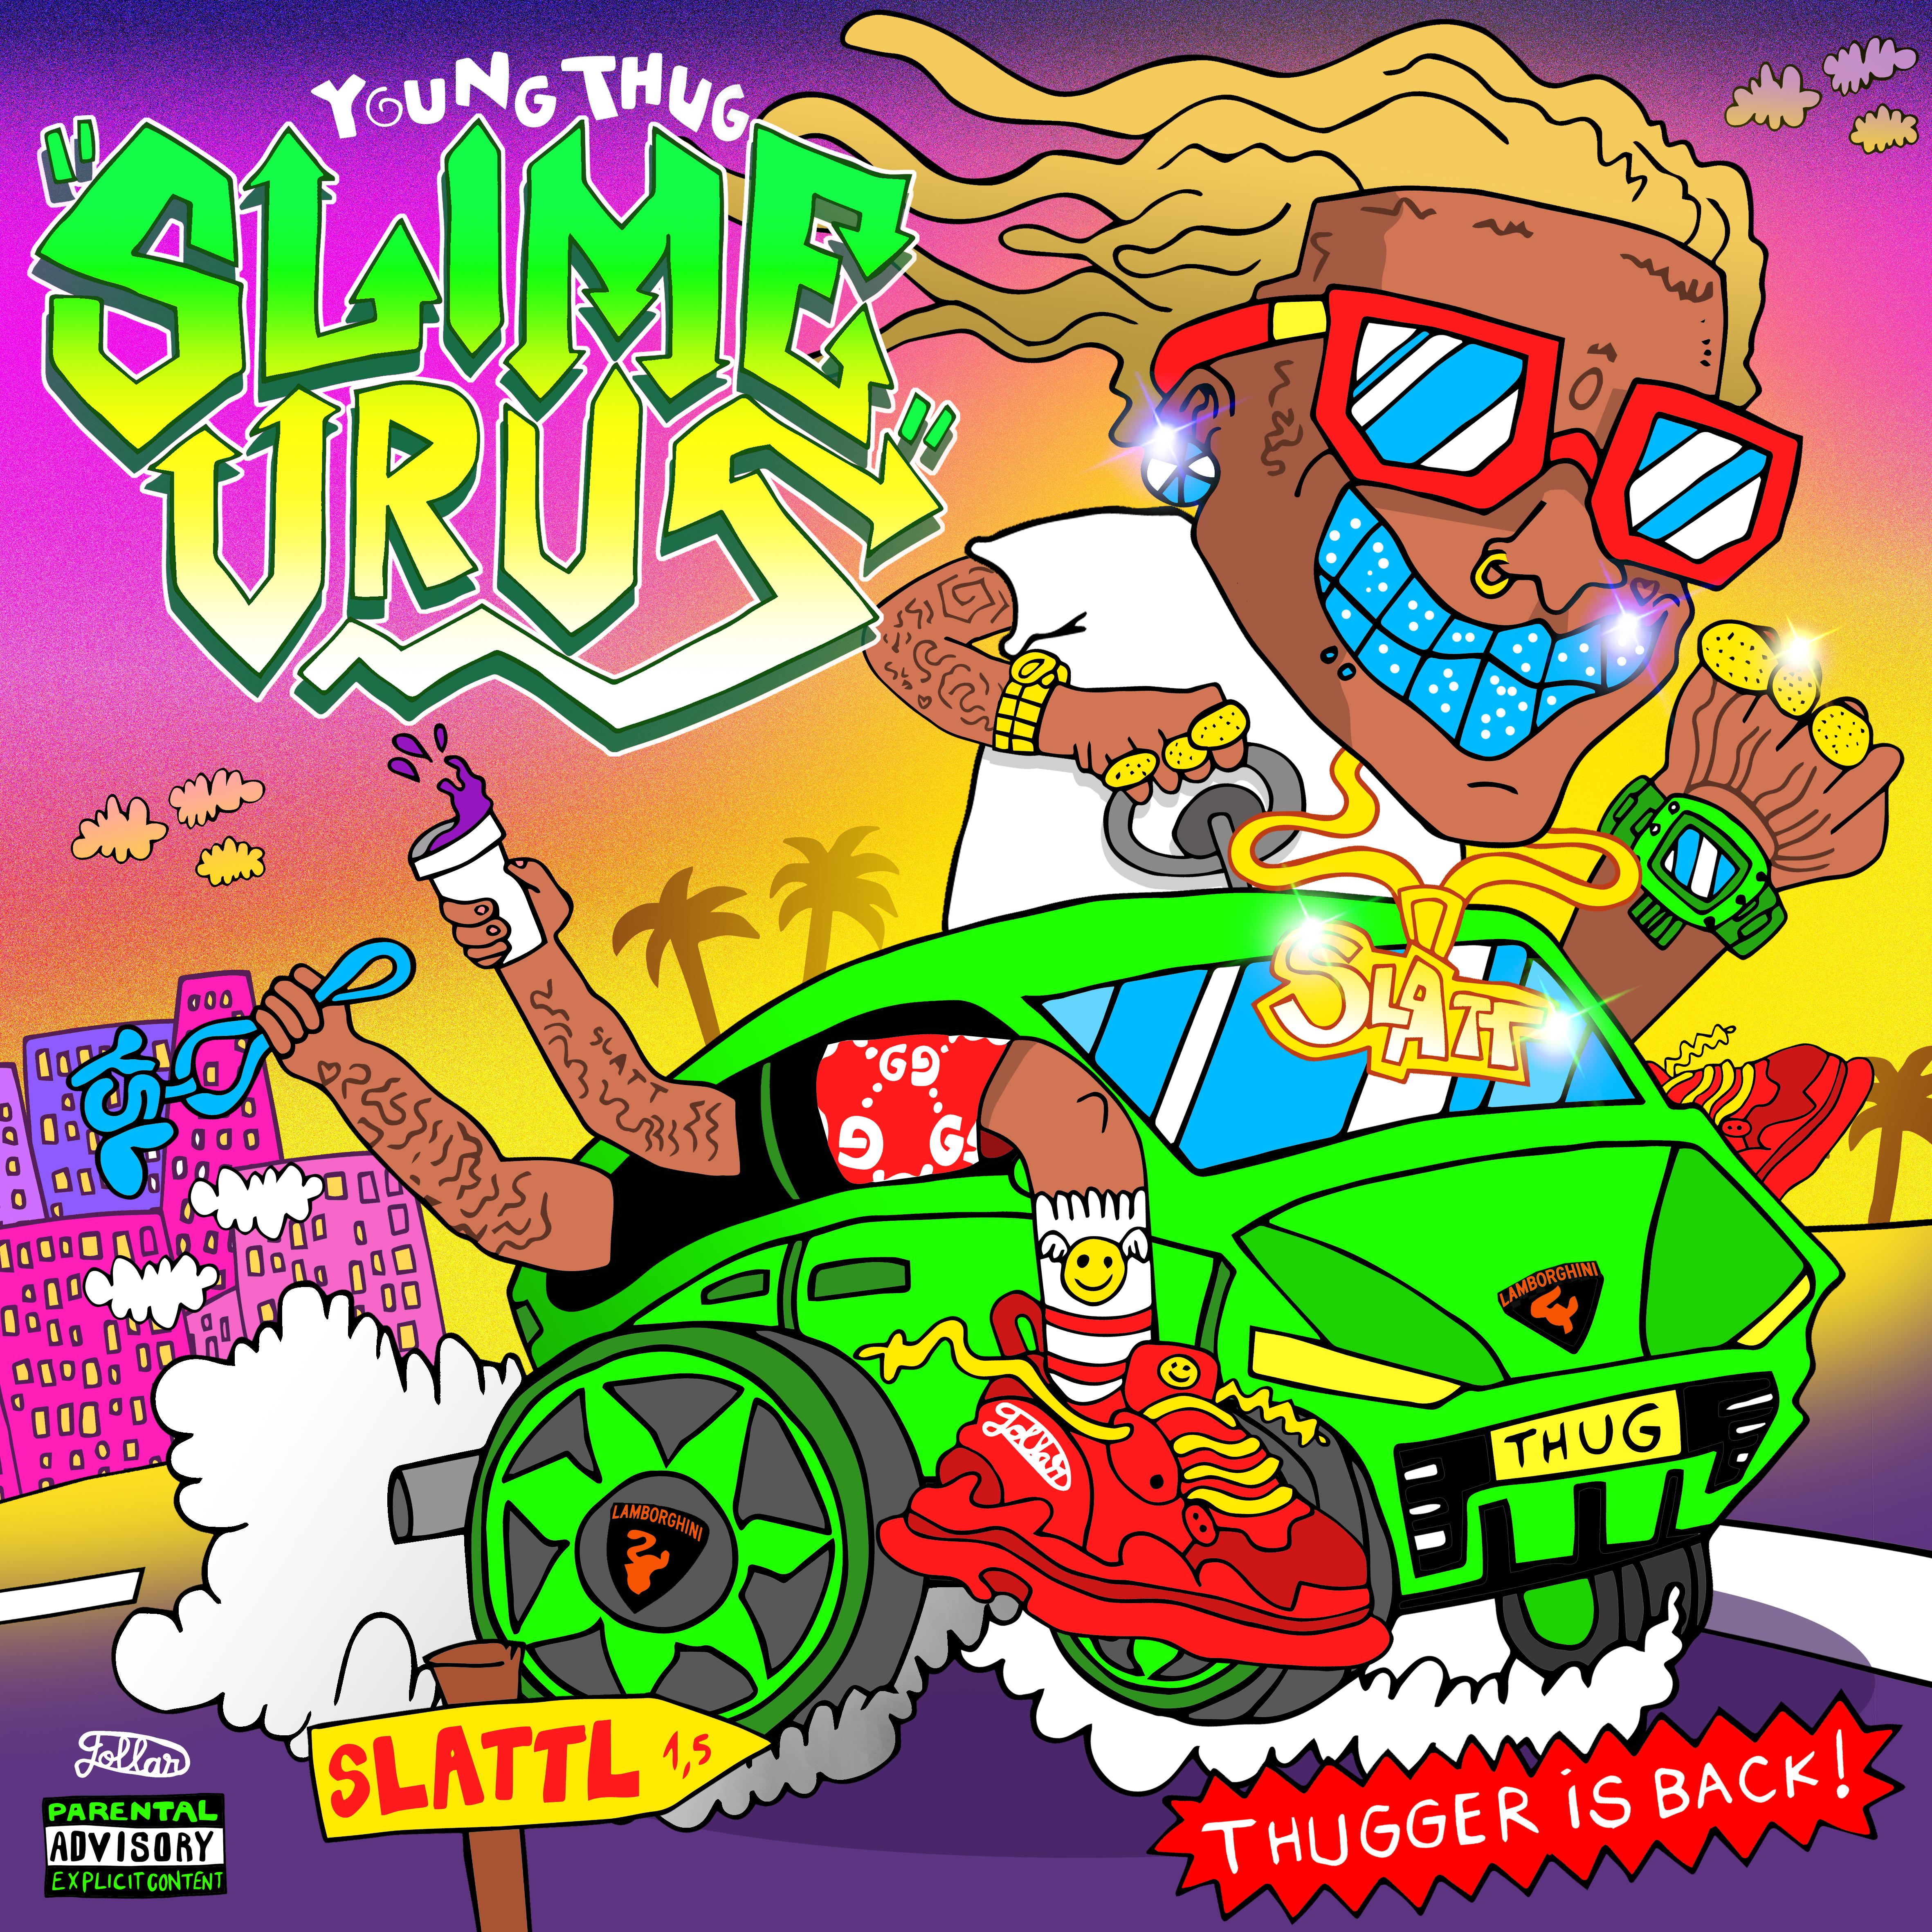 Young thug -Slime Urus